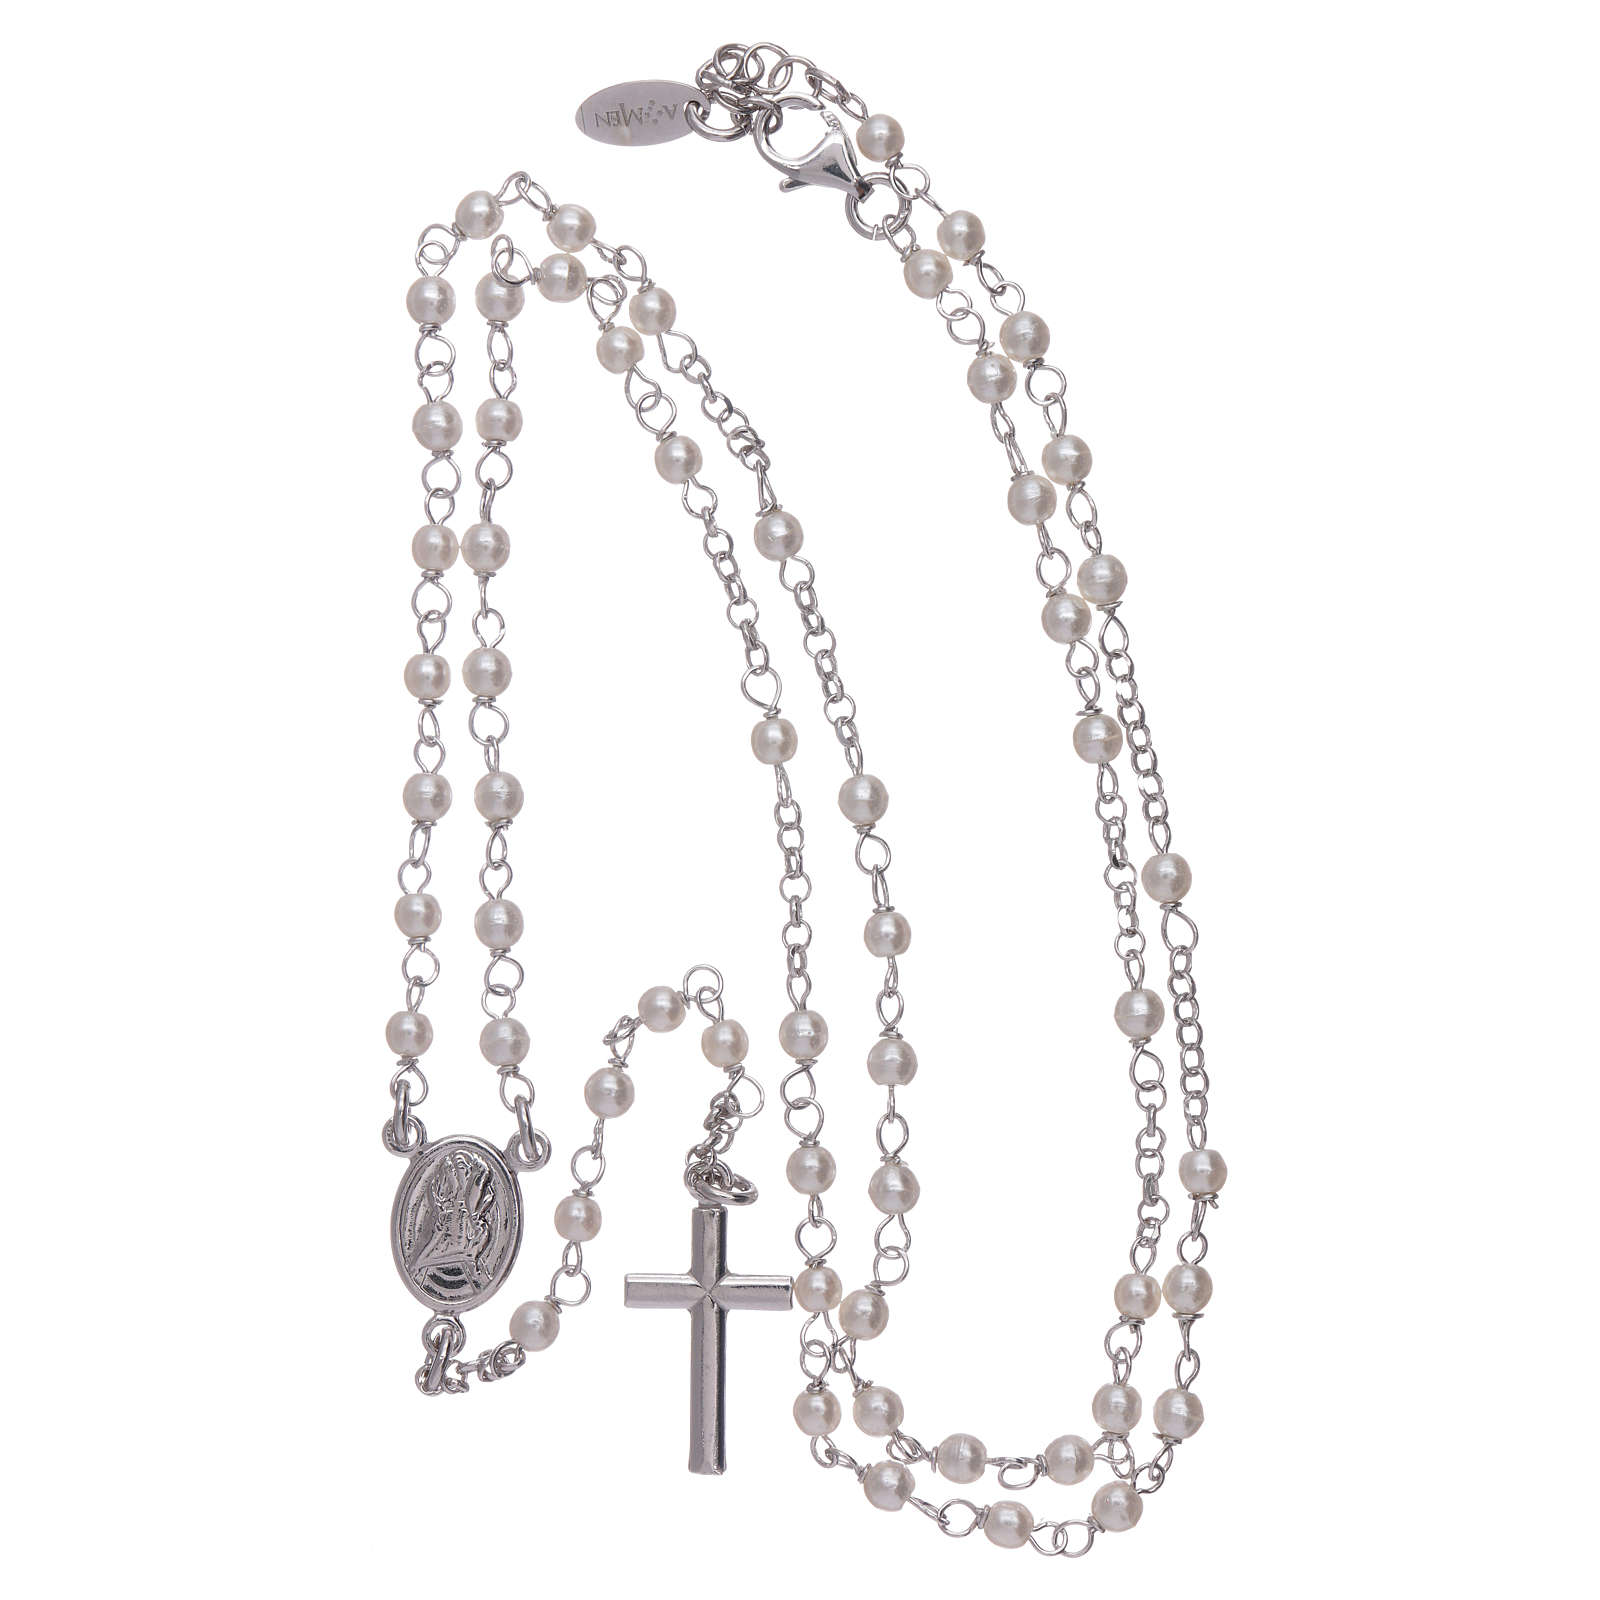 Różaniec klasyczny AMEN Jubileusz perły Swarovskiego i srebro 925 4